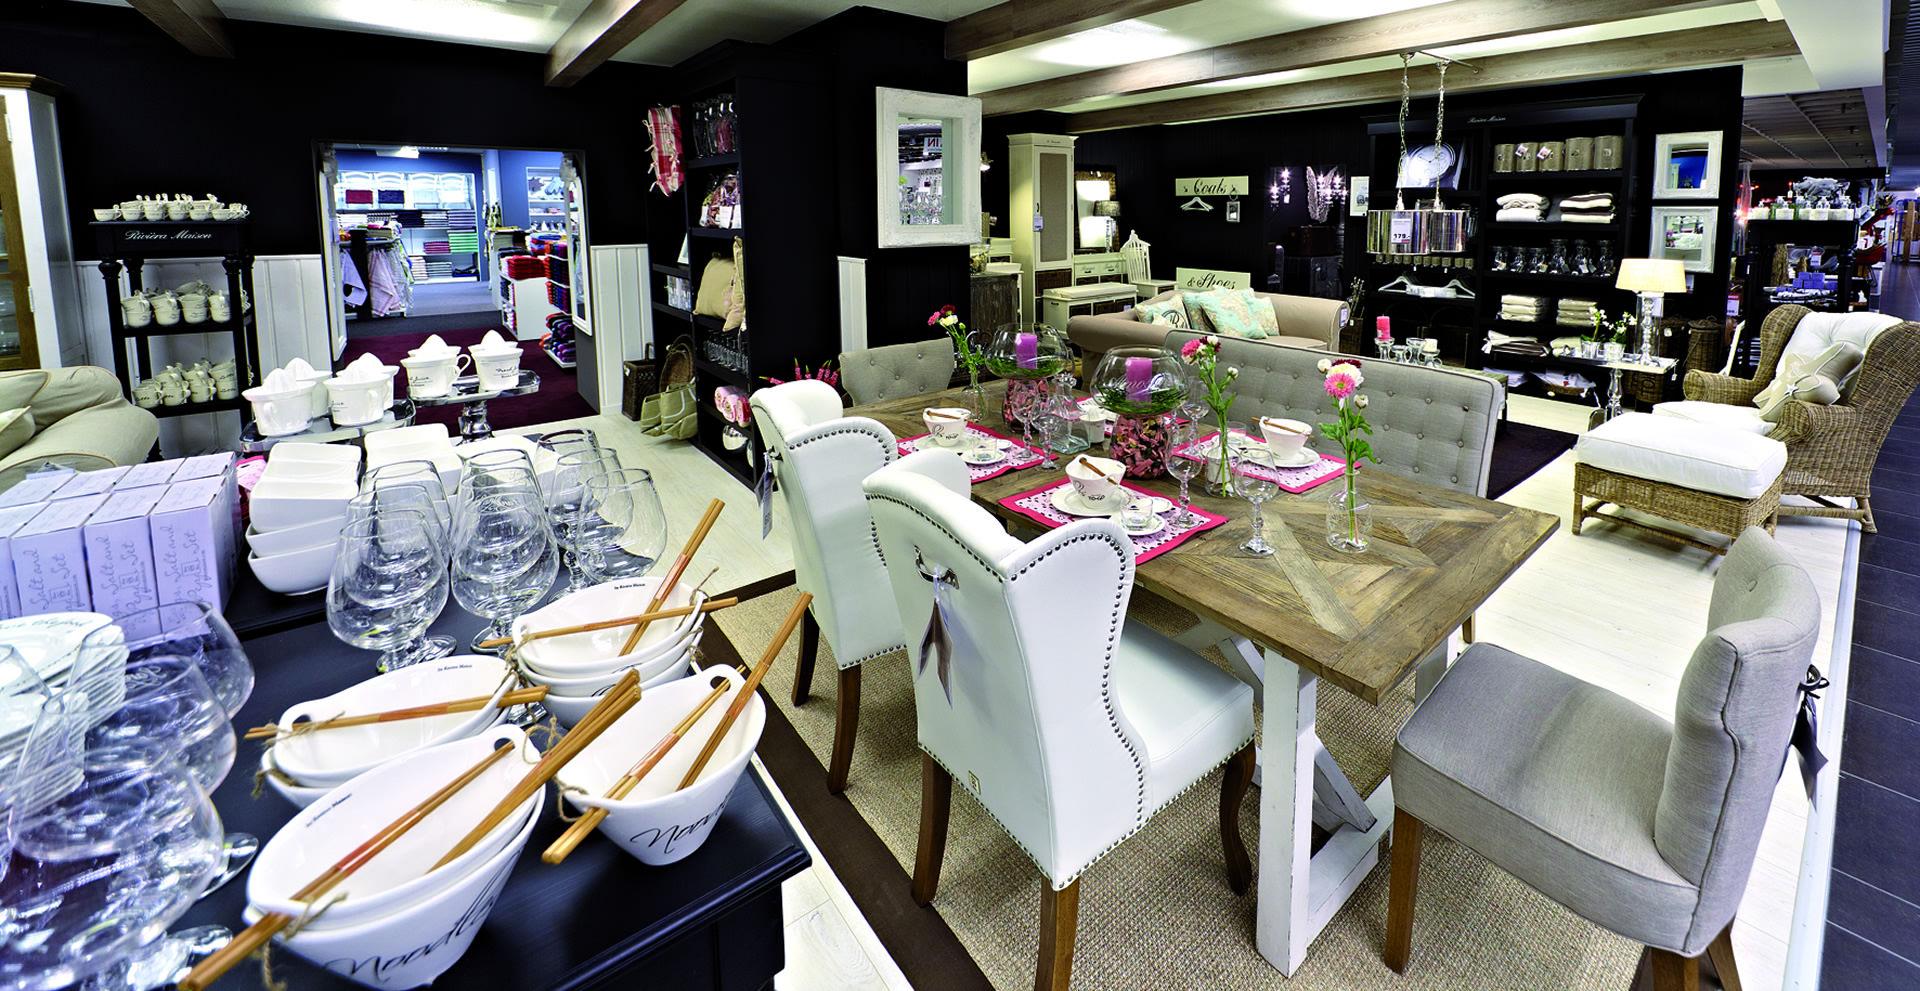 Planung, Konzeption, Gestaltung | Innenarchitektur Nitschke-Hein Storedesign